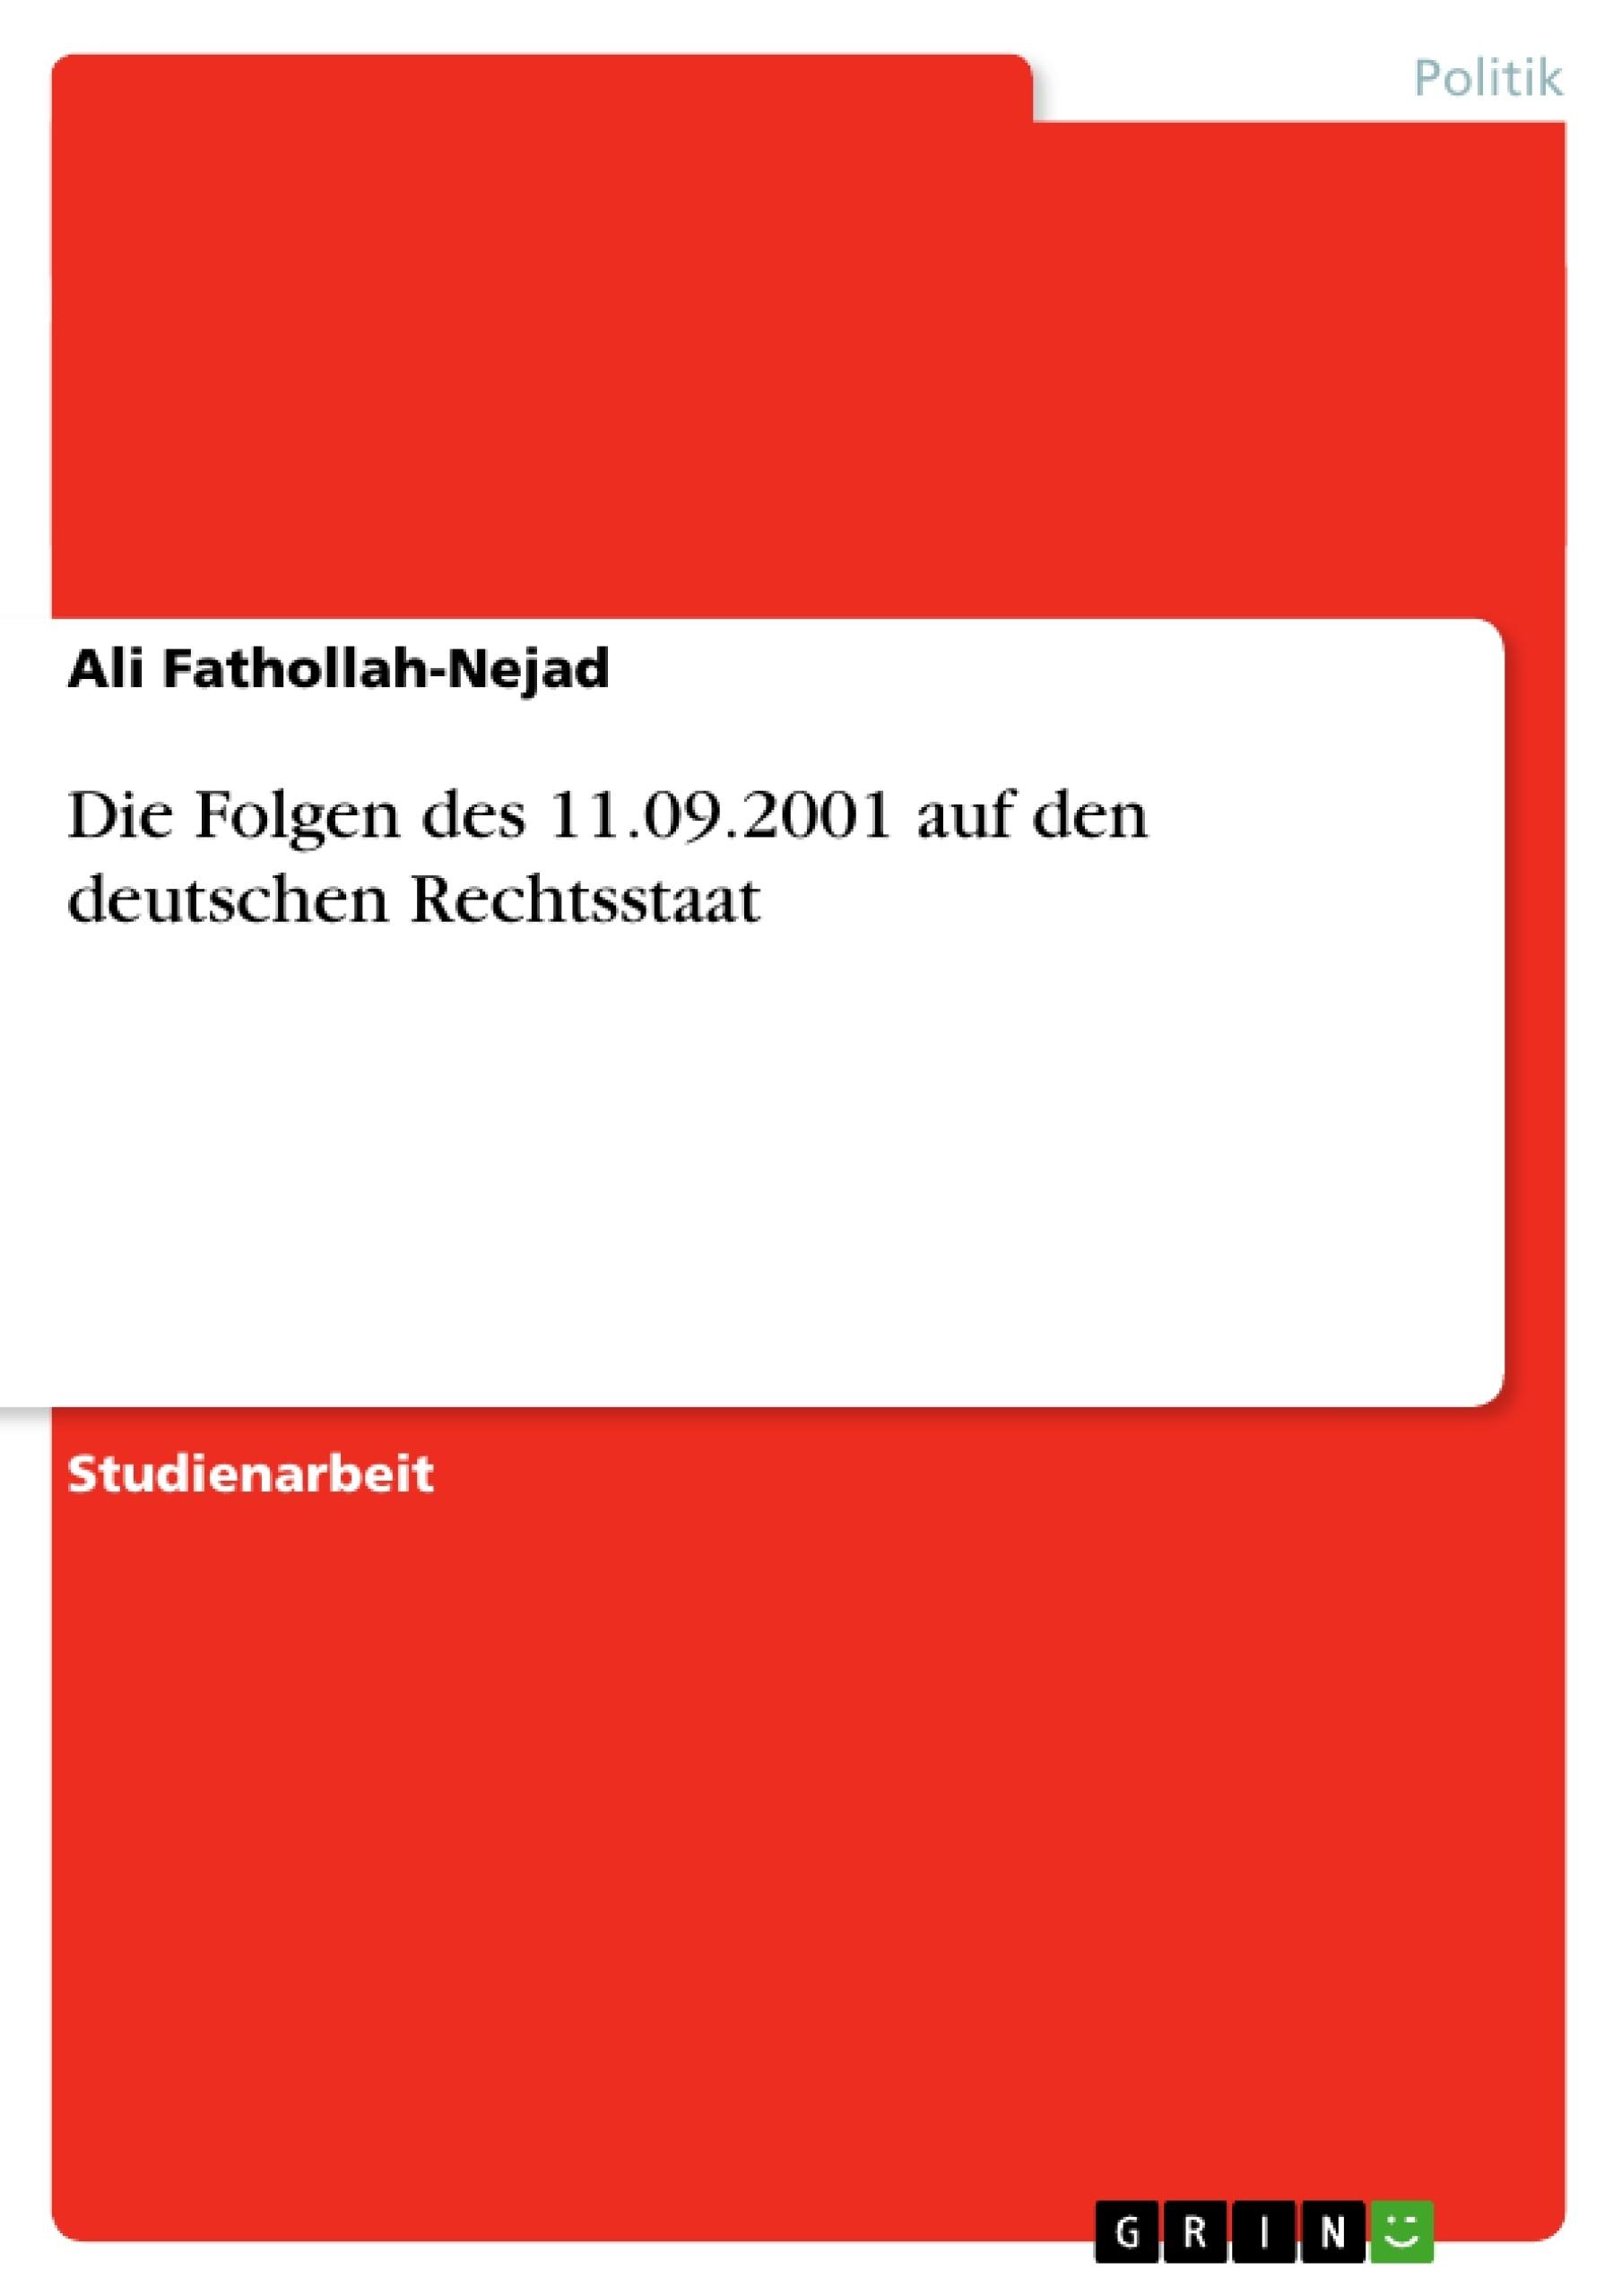 Titel: Die Folgen des 11.09.2001 auf den deutschen Rechtsstaat